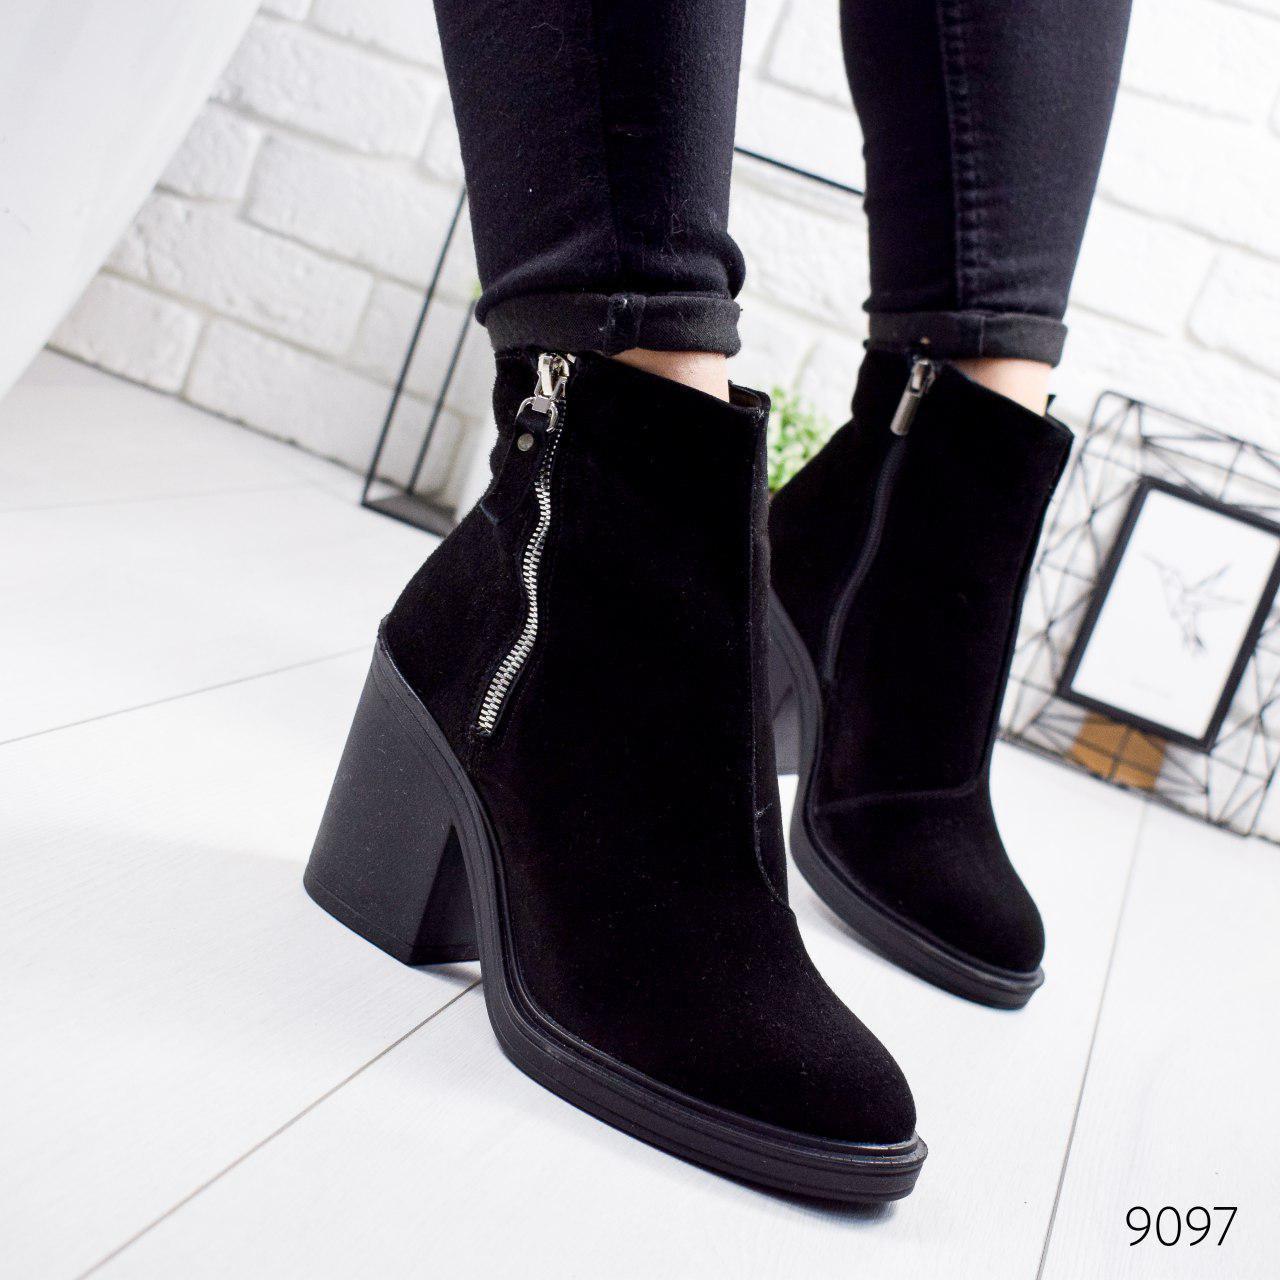 """Ботинки женские зимние, черного цвета из натуральной замши """"9097"""". Черевики жіночі. Ботинки теплые"""